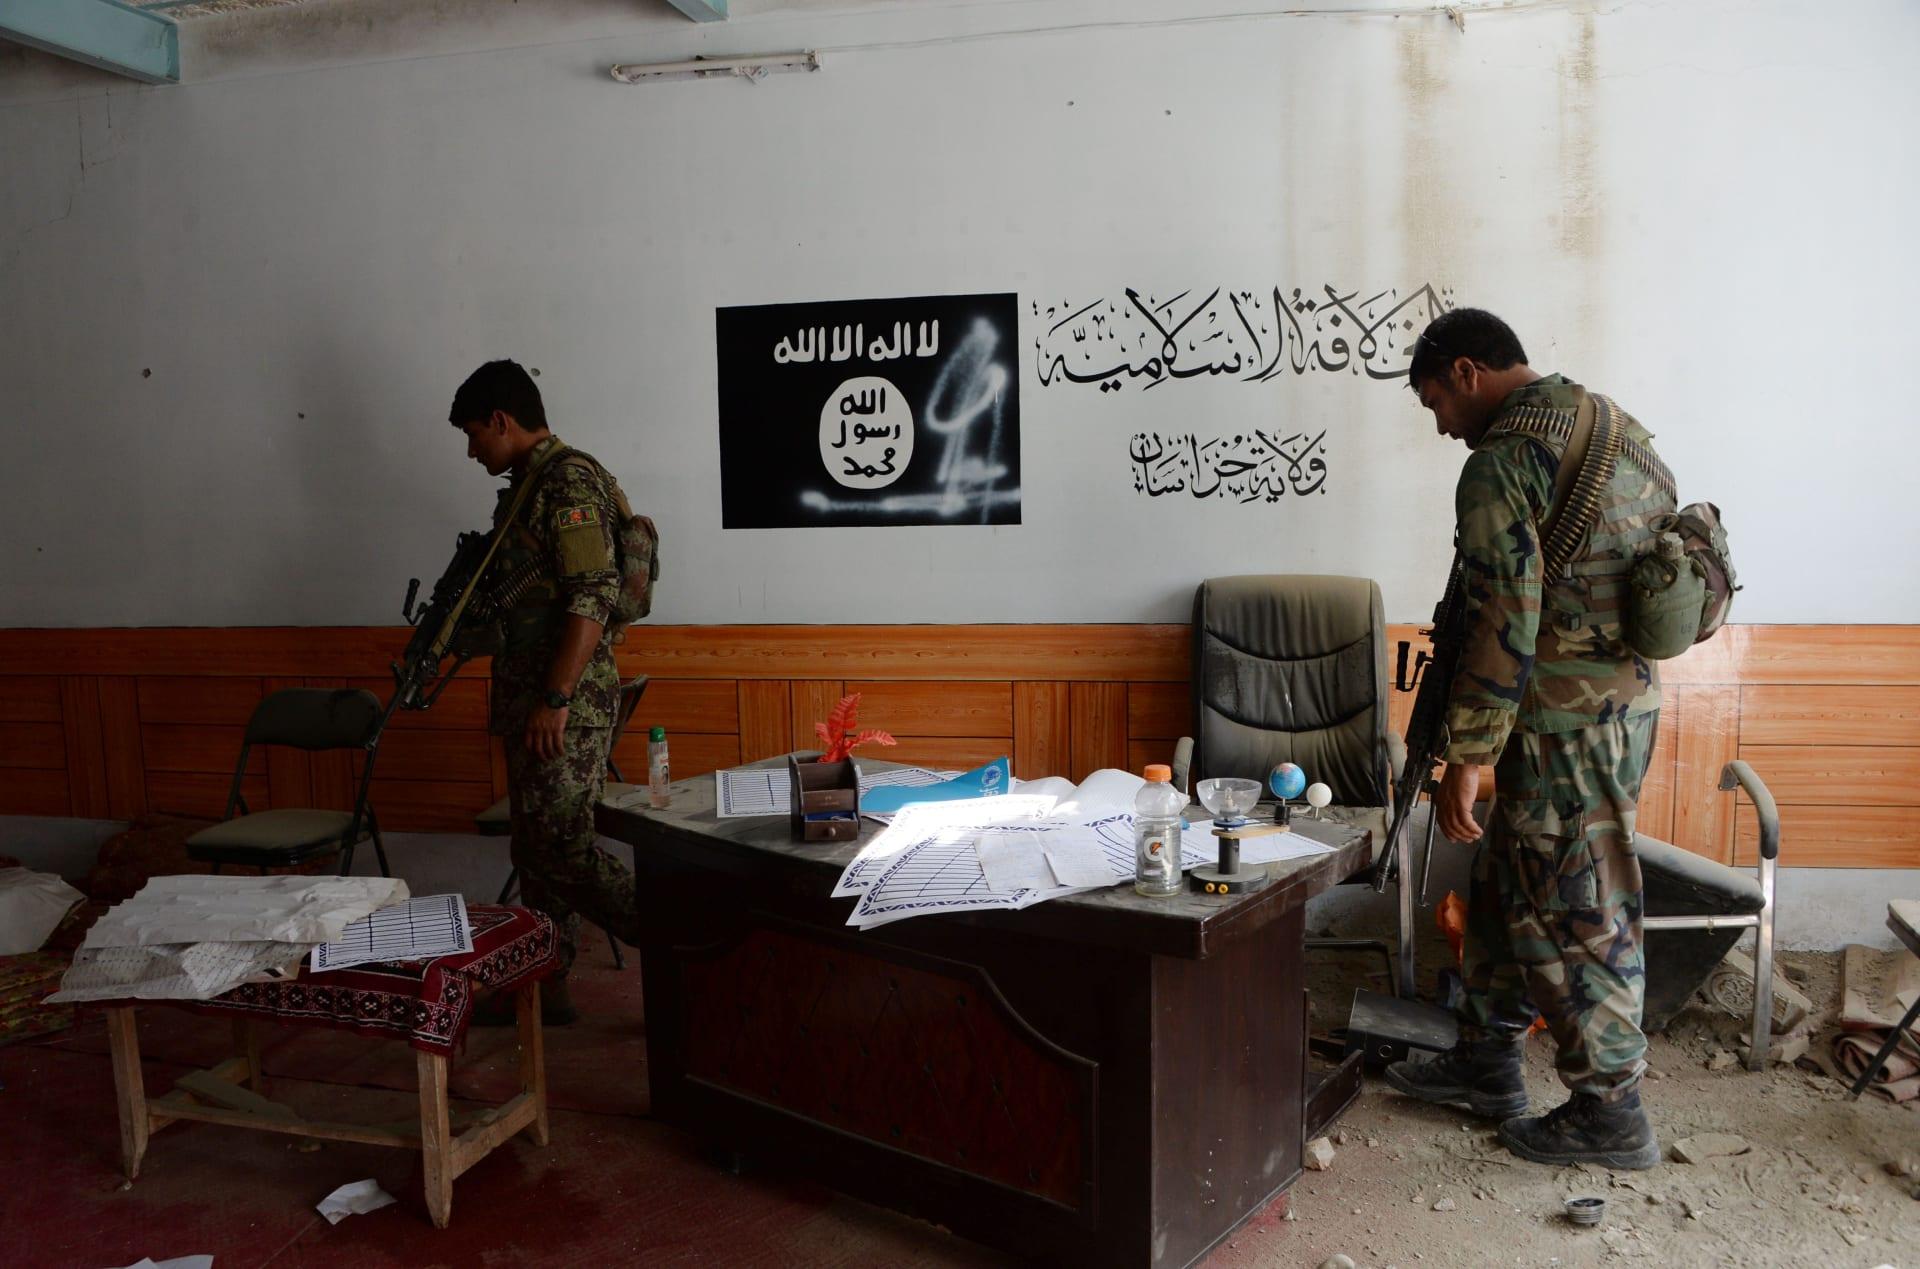 تنظيم داعش الأفغاني يعلن عن زعيم جديد